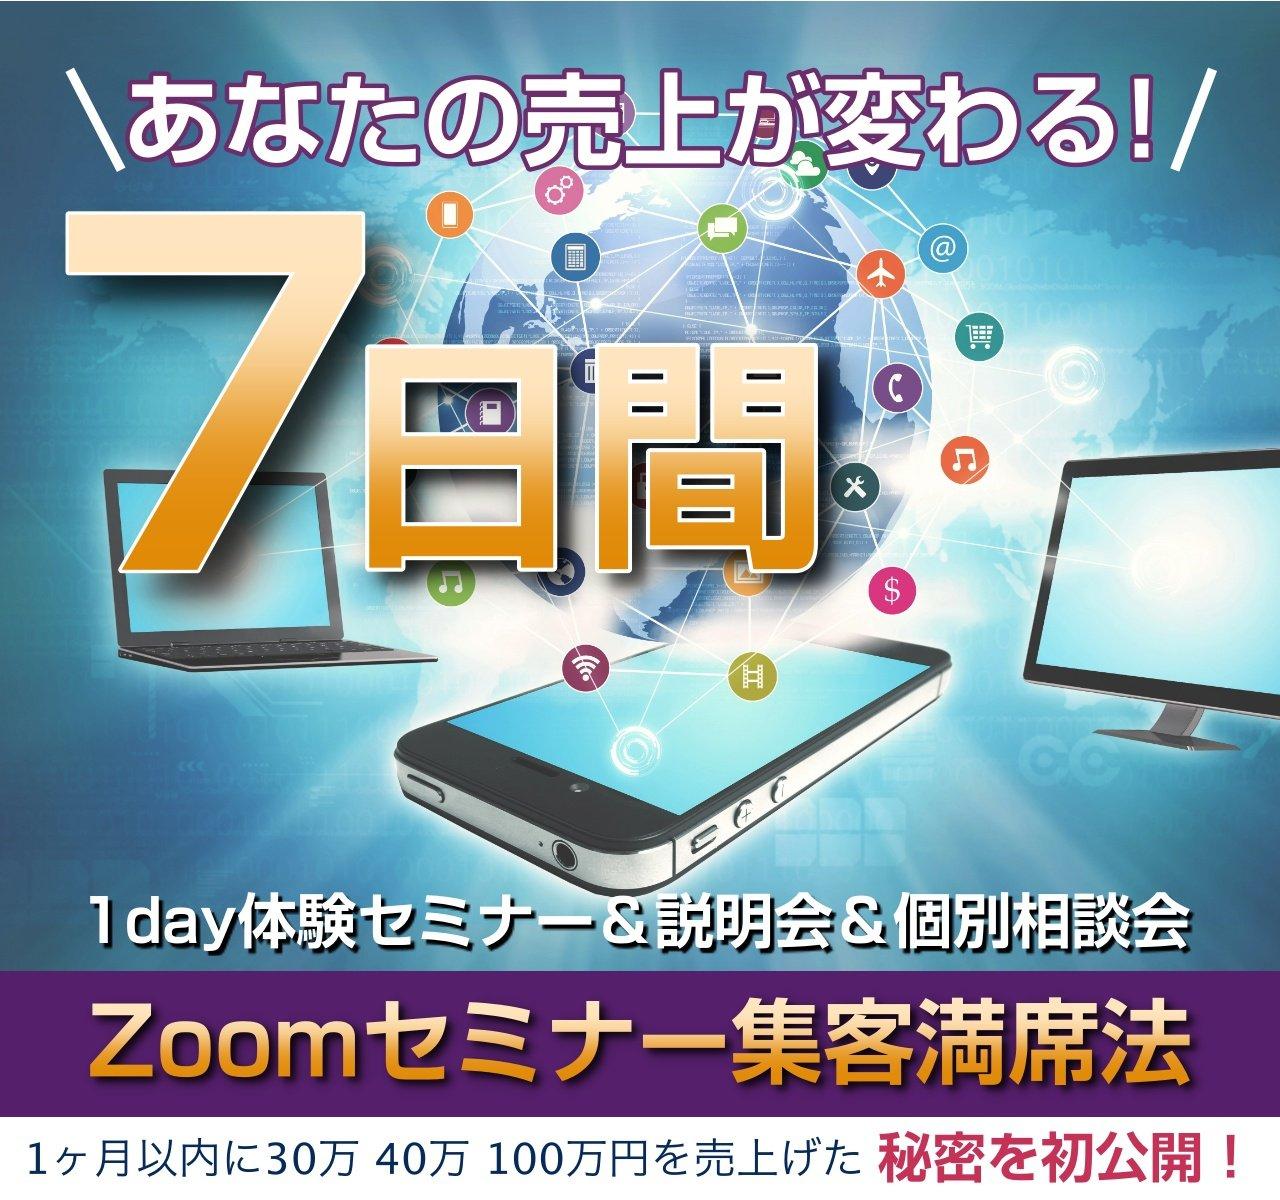 オンラインビジネス起業 オンラインビジネスのZoomセミナー ランディングページ画像 サムネイル5